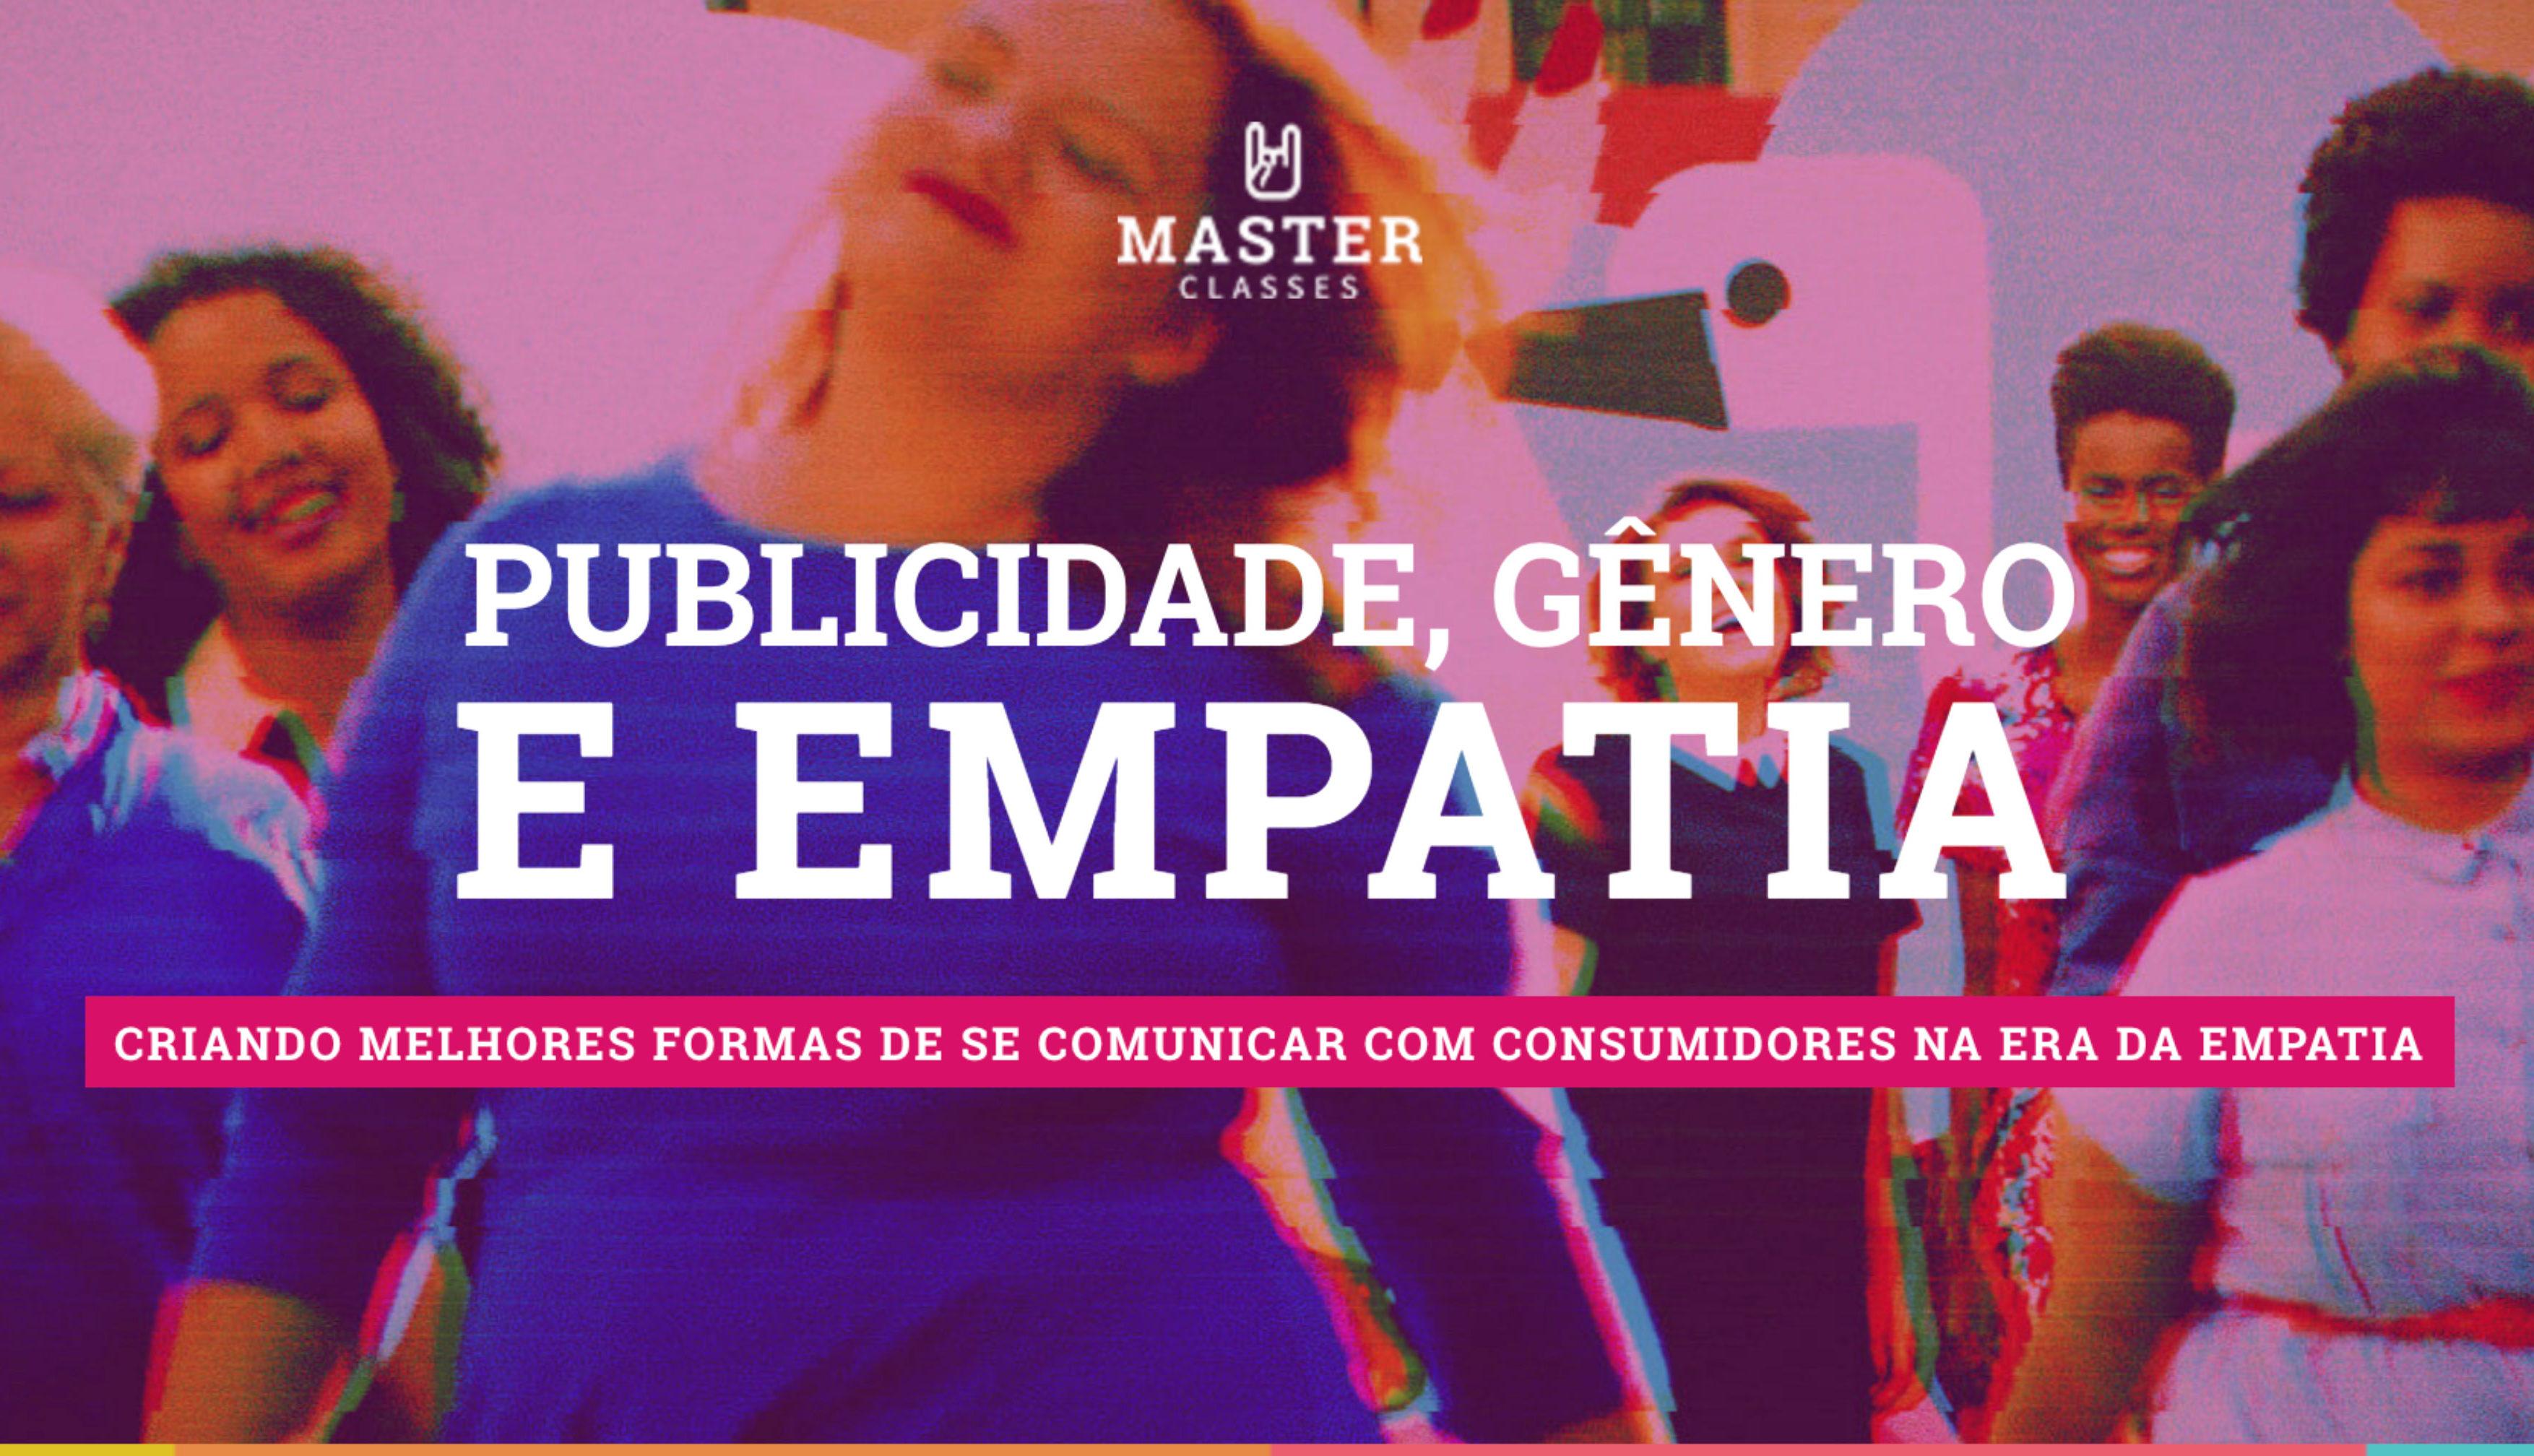 publicidade-genero-empatia-masterclass-trampos-passa-castanha